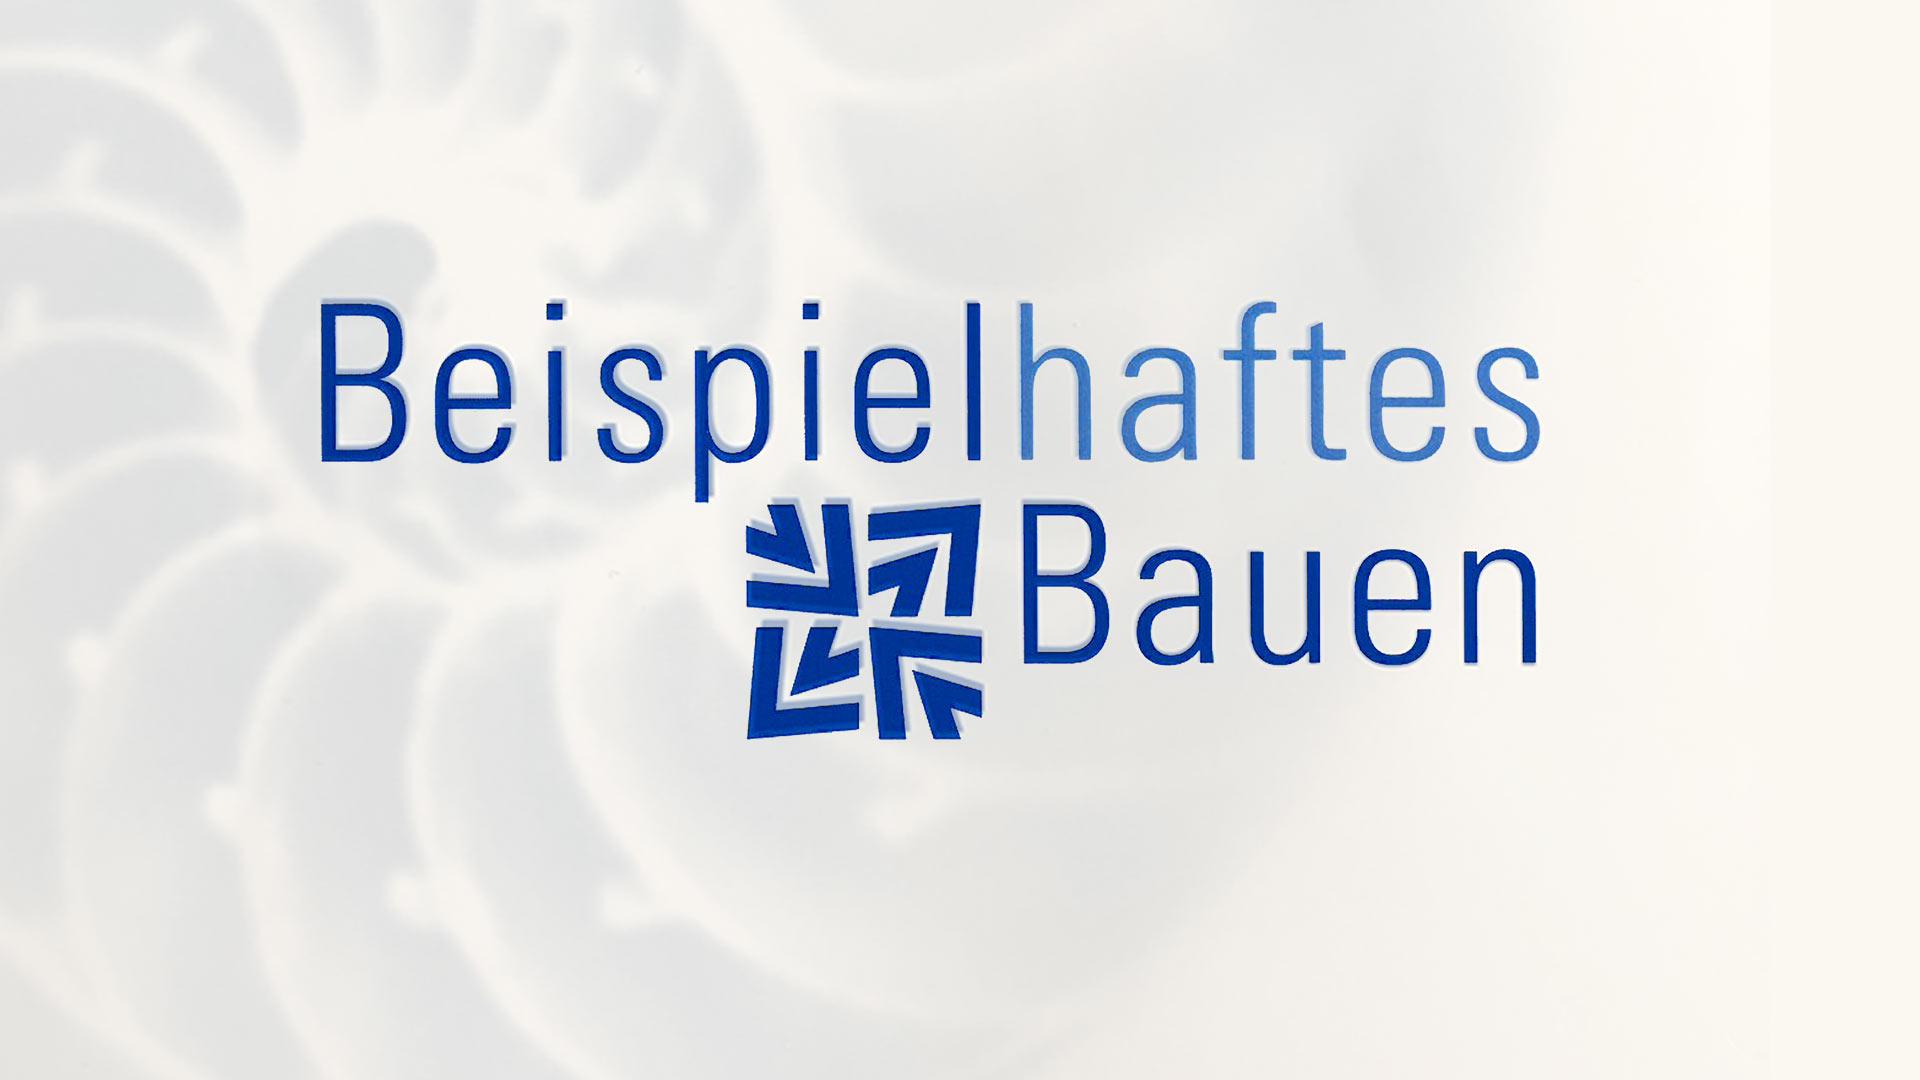 Auszeichnung Beispielhaftes Bauen für das Mehrfamilienhaus On-Top in Ludwigsburg